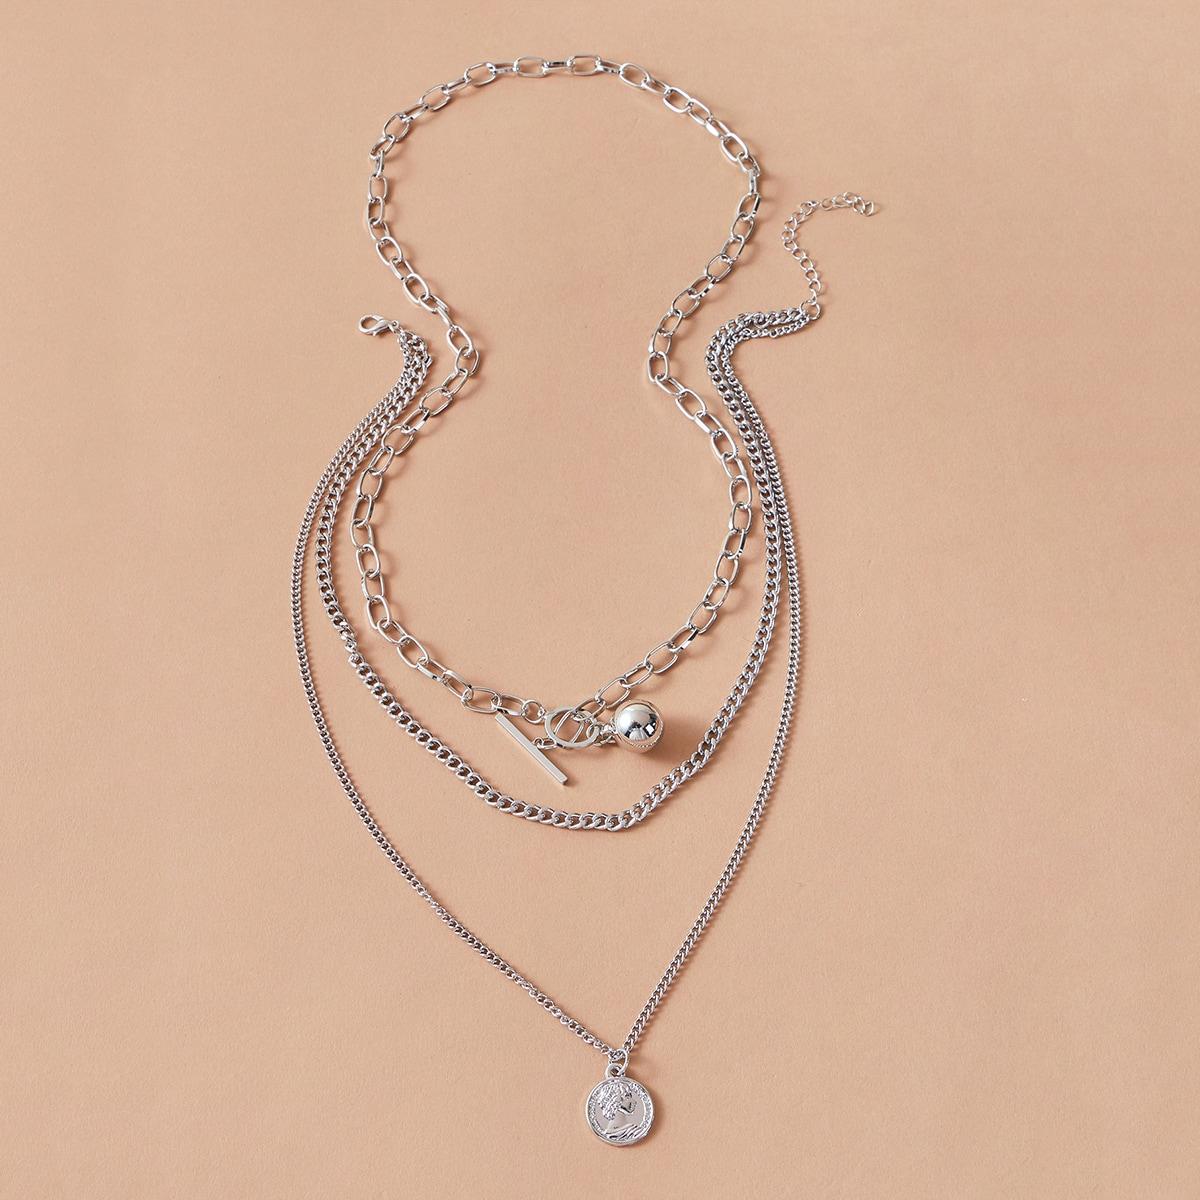 Мужское многослойное ожерелье с подвеской монеты от SHEIN